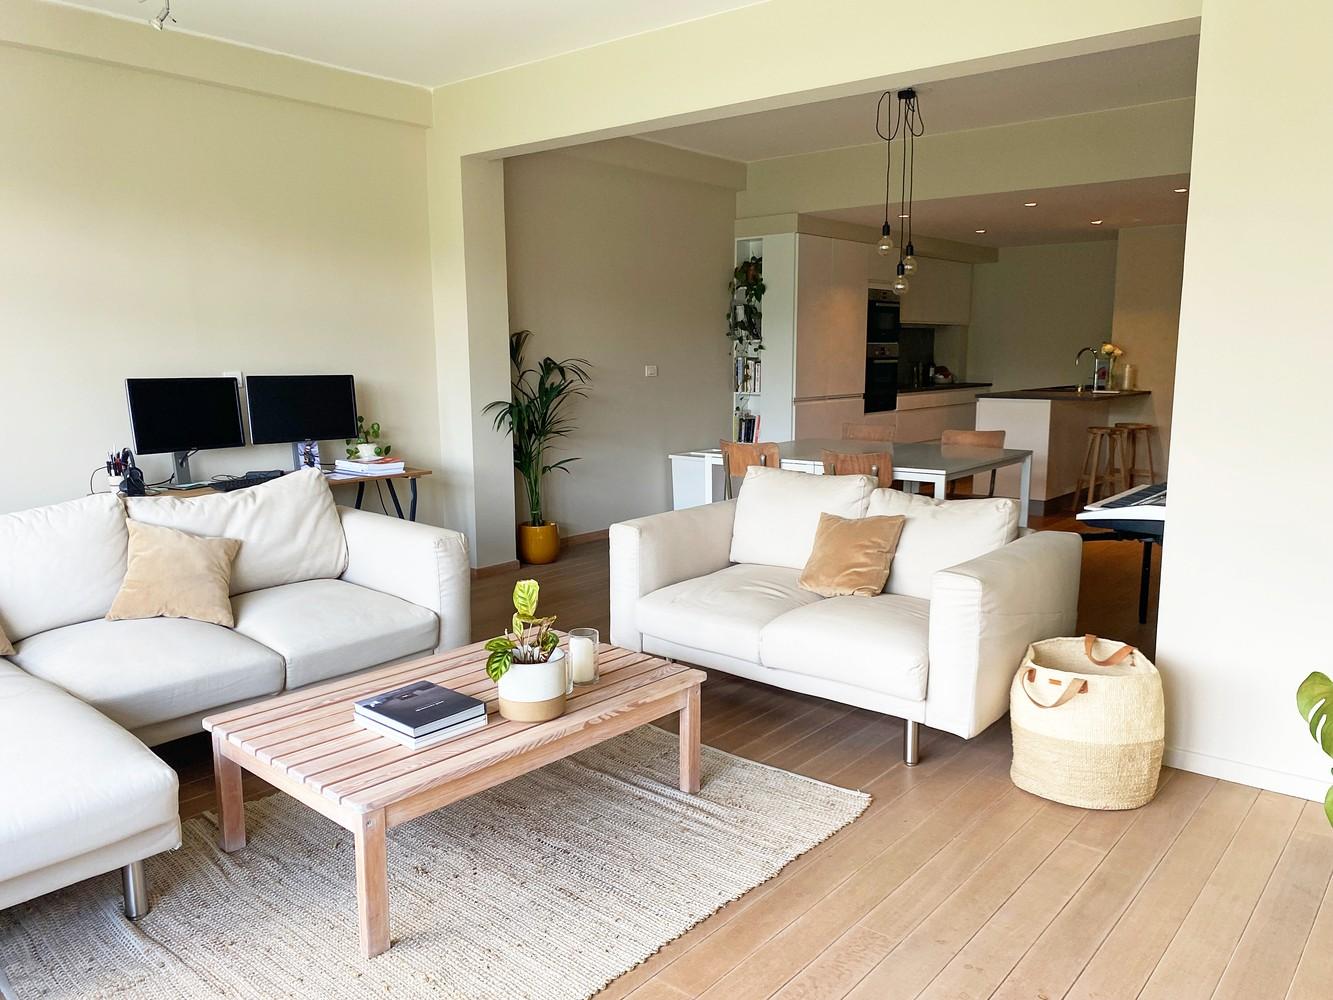 Prachtig appartement met 2 slaapkamers en uitzicht over het Stadspark! afbeelding 2